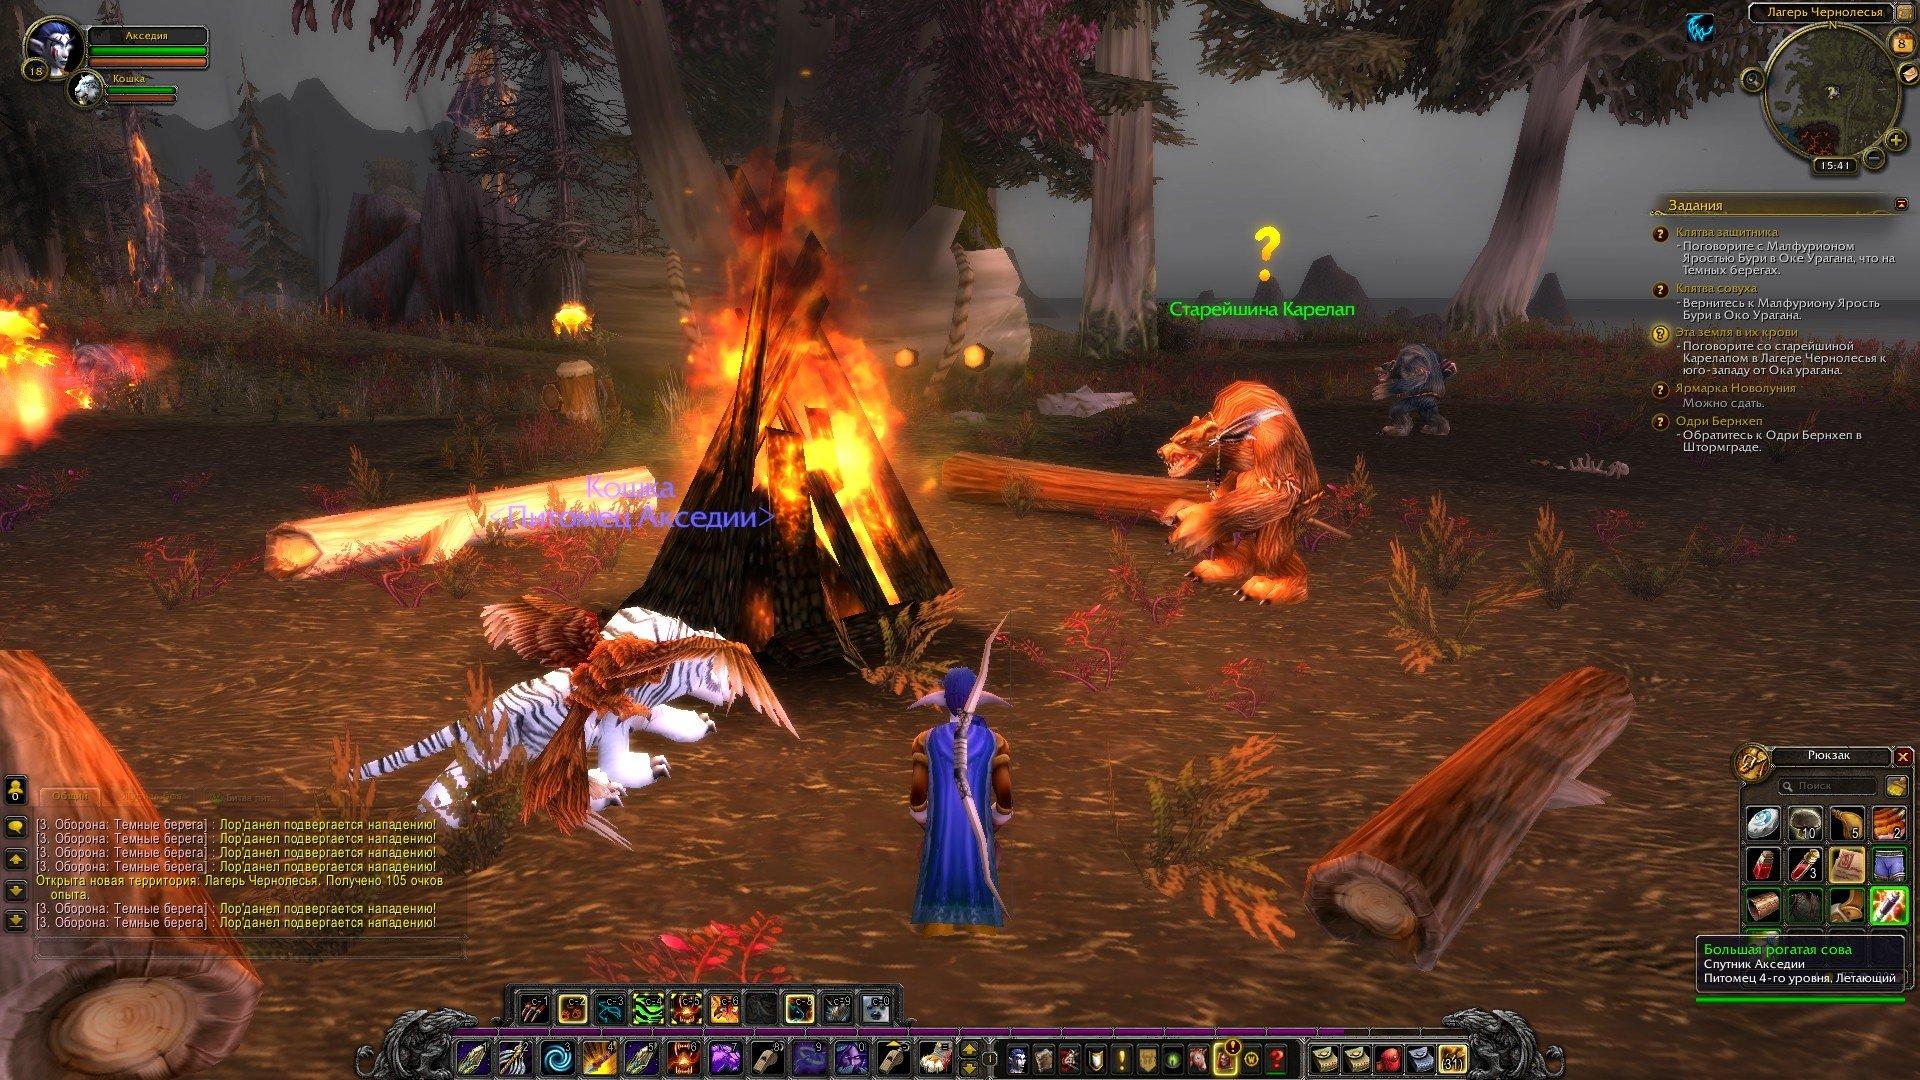 Путешествие по World of Warcraft ... Ночной Эльф. Глава 2 - Изображение 14